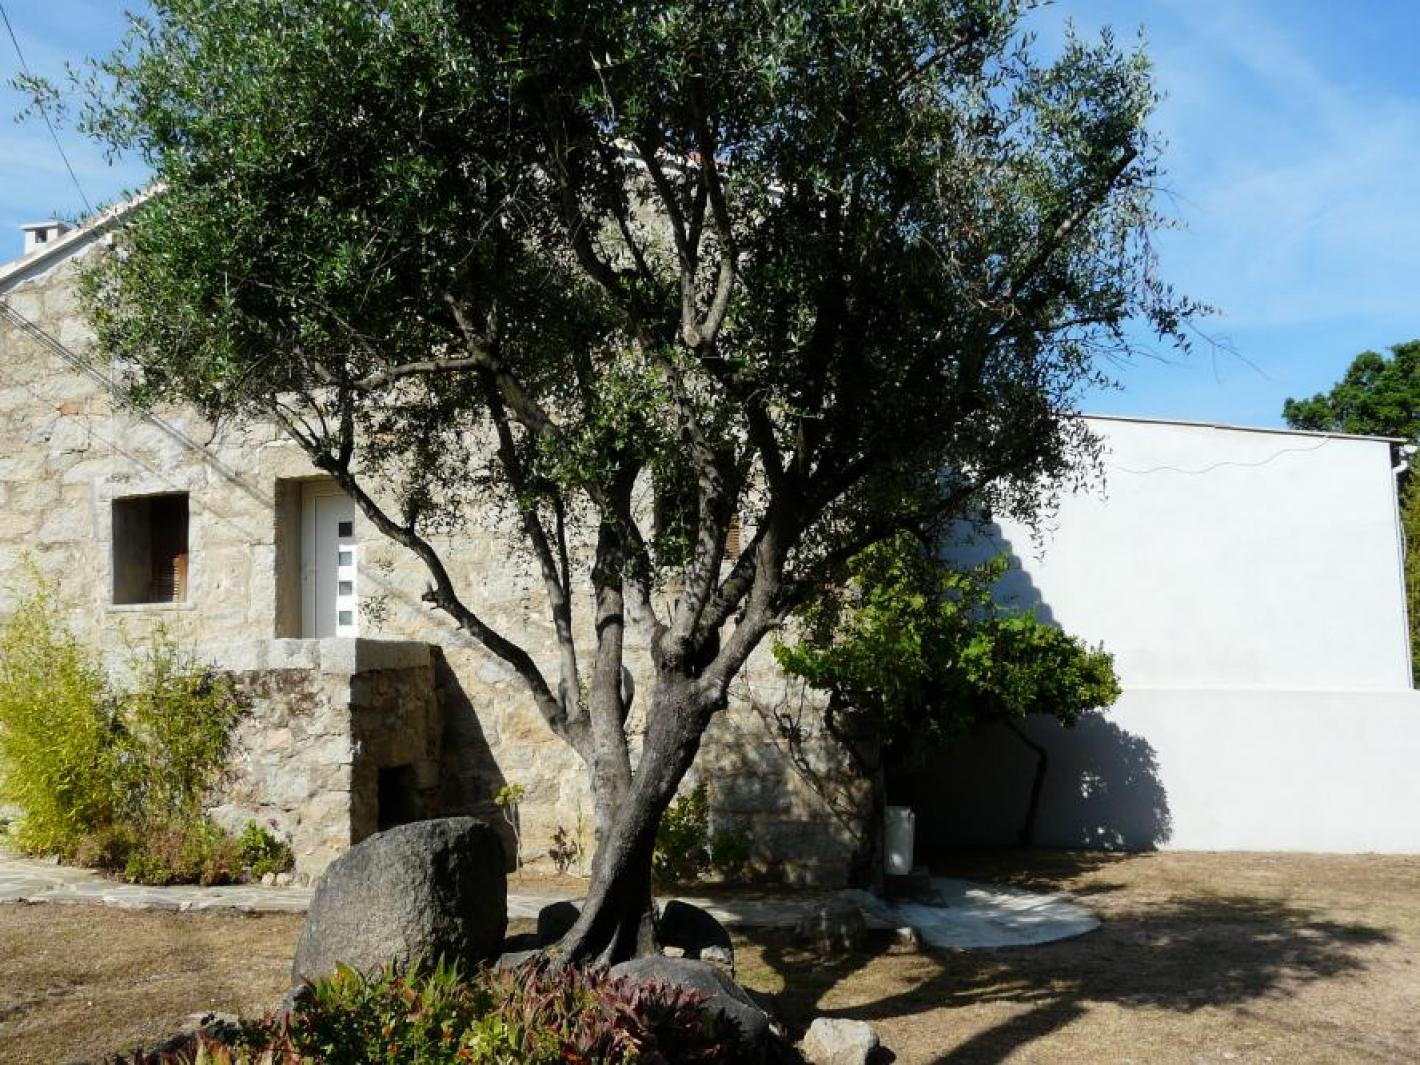 Maison authentique de village corse porto vecchio - Maison de village corse ...